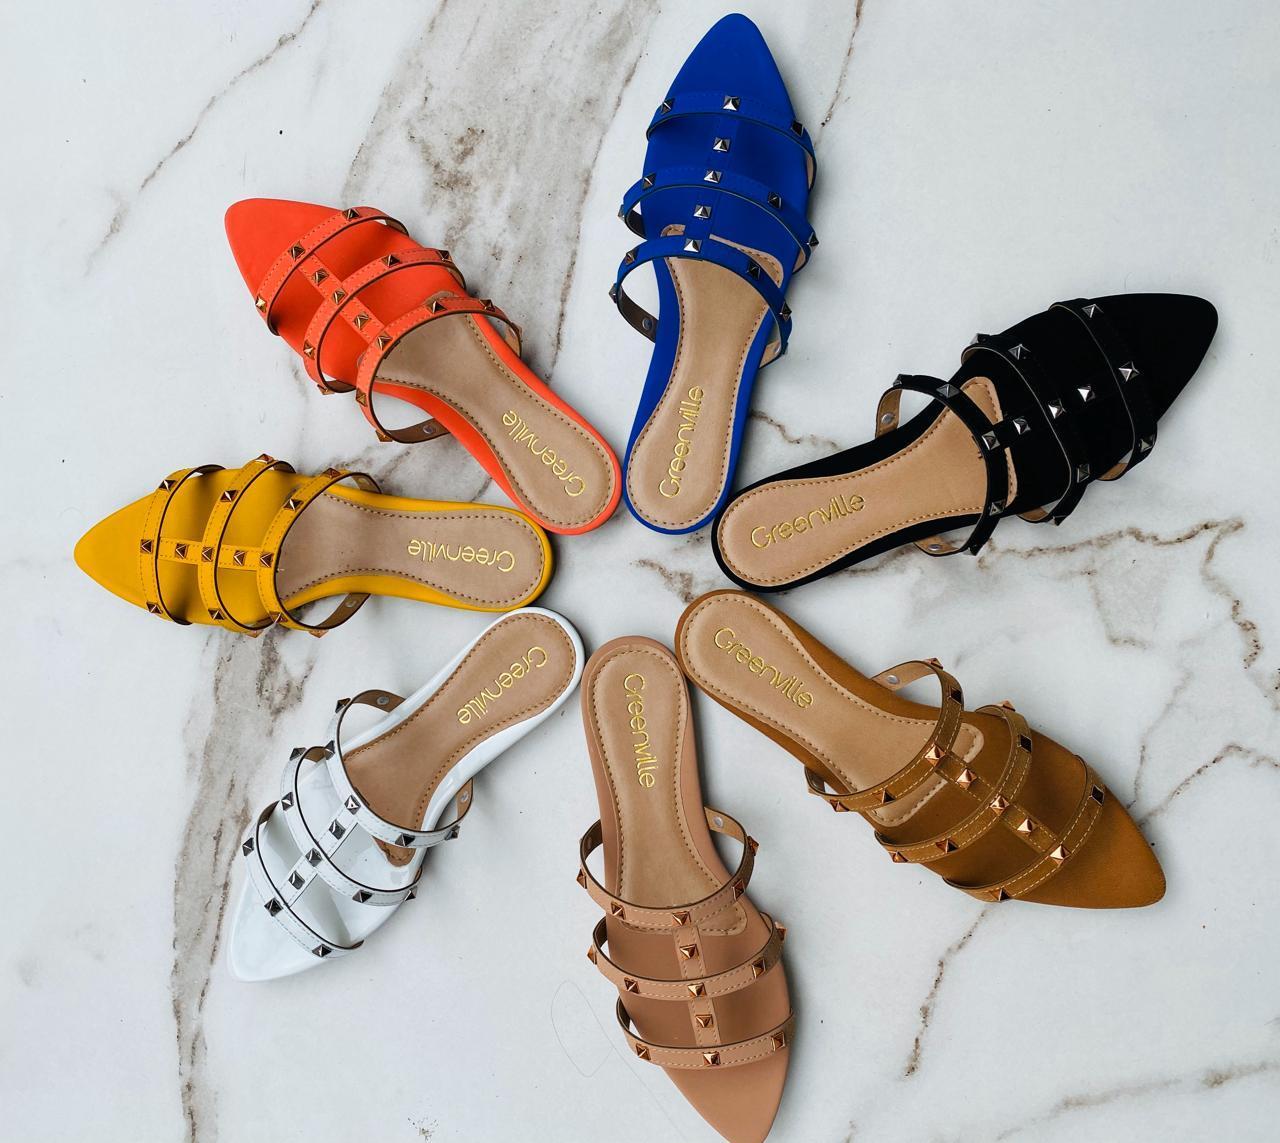 Bico de folha - Best Shoez